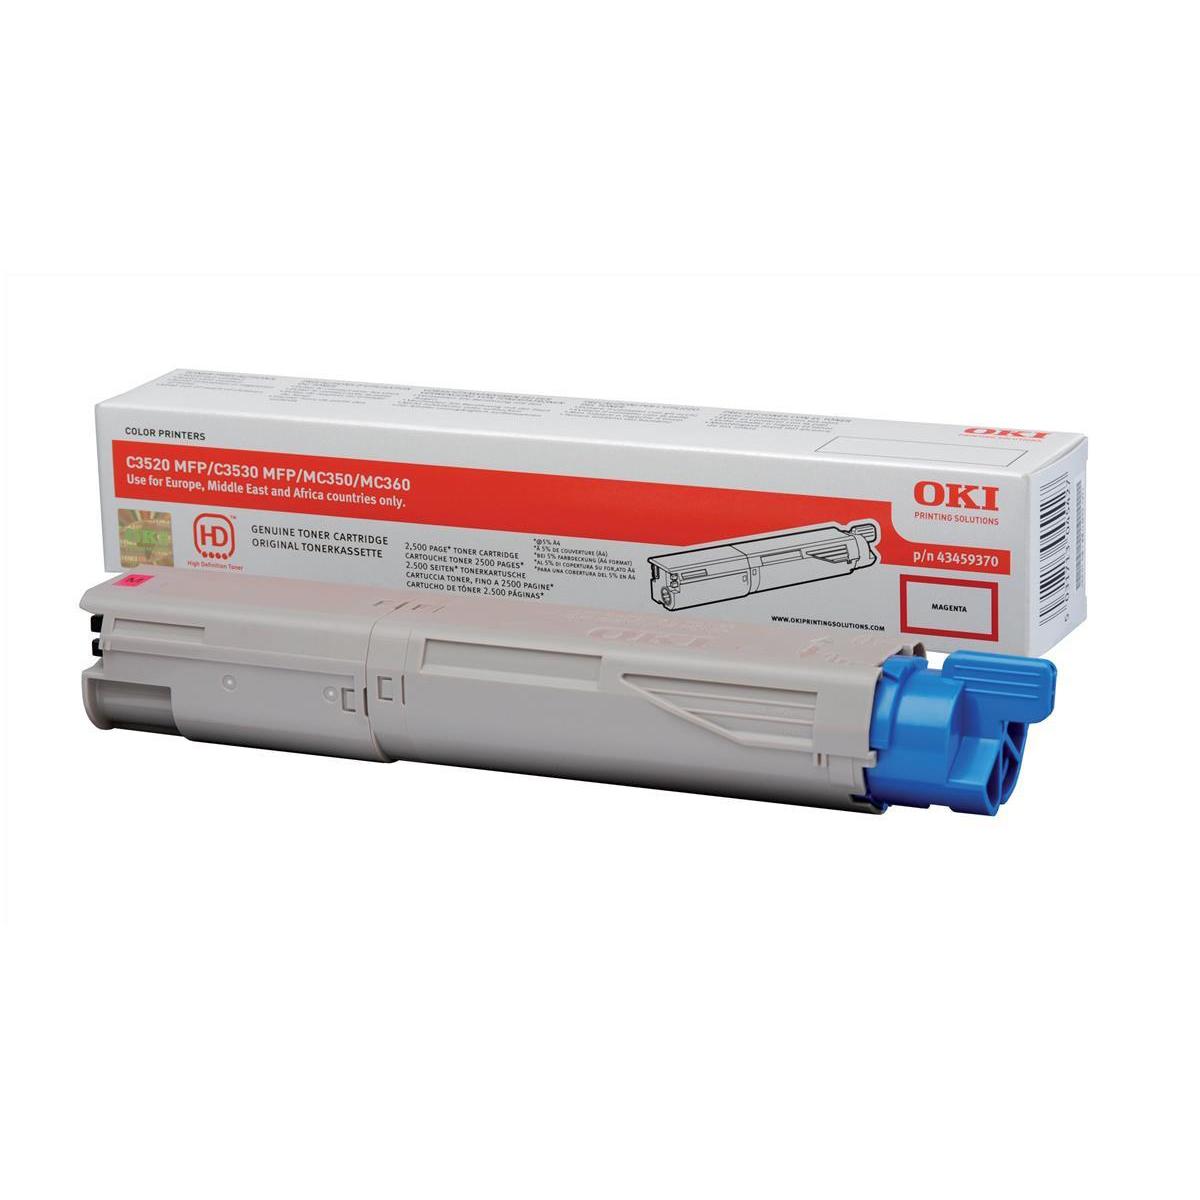 OKI Laser Toner Cartridge Page Life 2500pp Magenta Ref 43459370